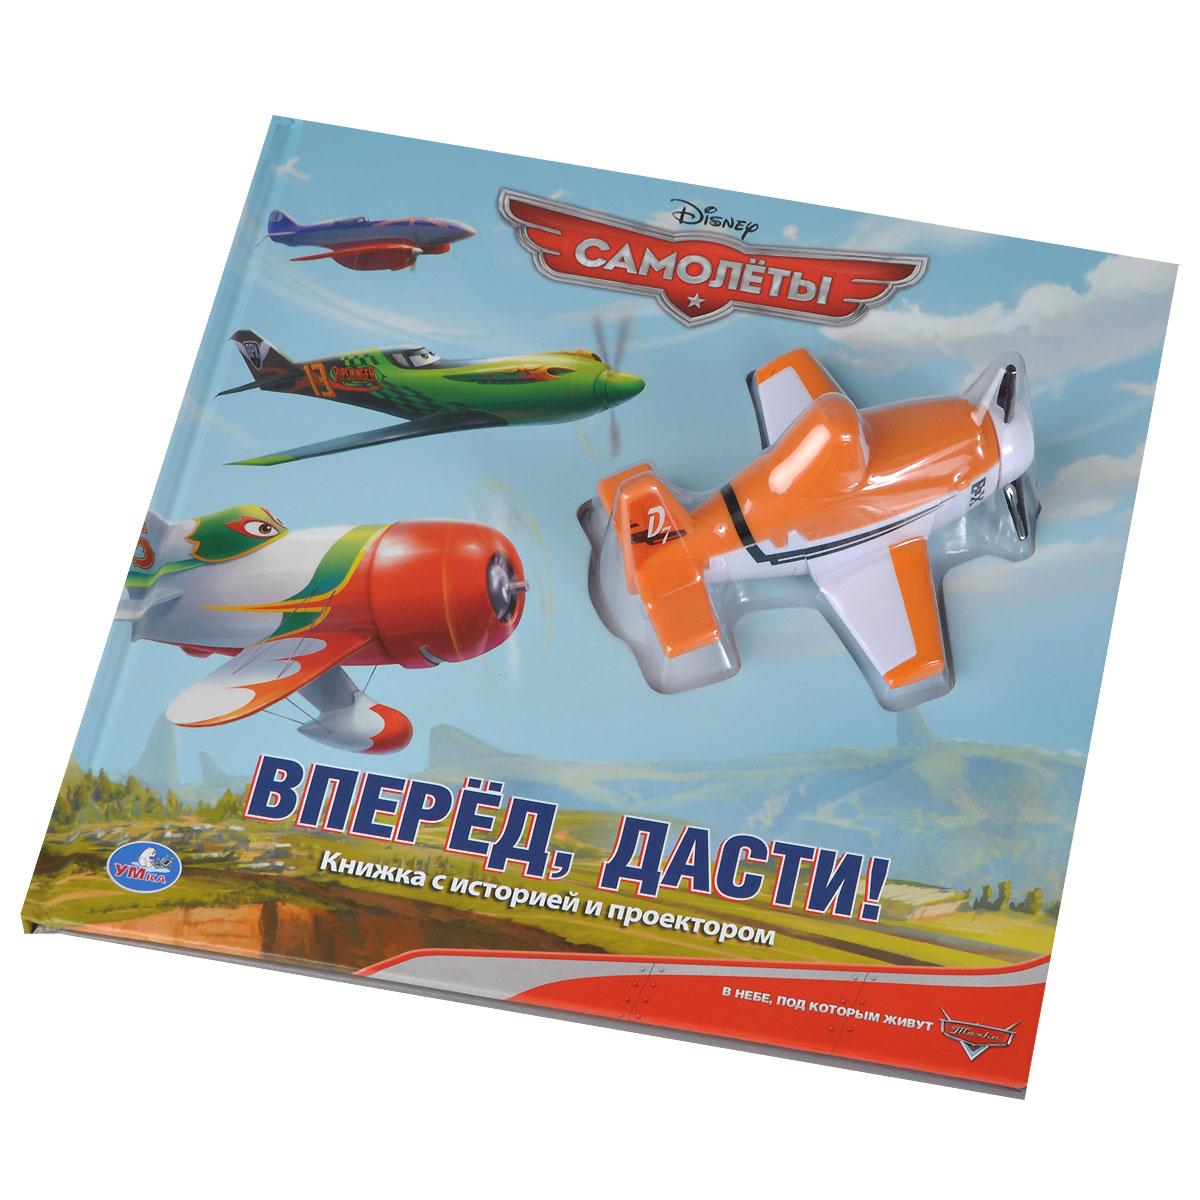 Дисней. Самолеты. Вперед, Дасти! (+ самолет-проектор) сумочка на пояс с инструментами дасти